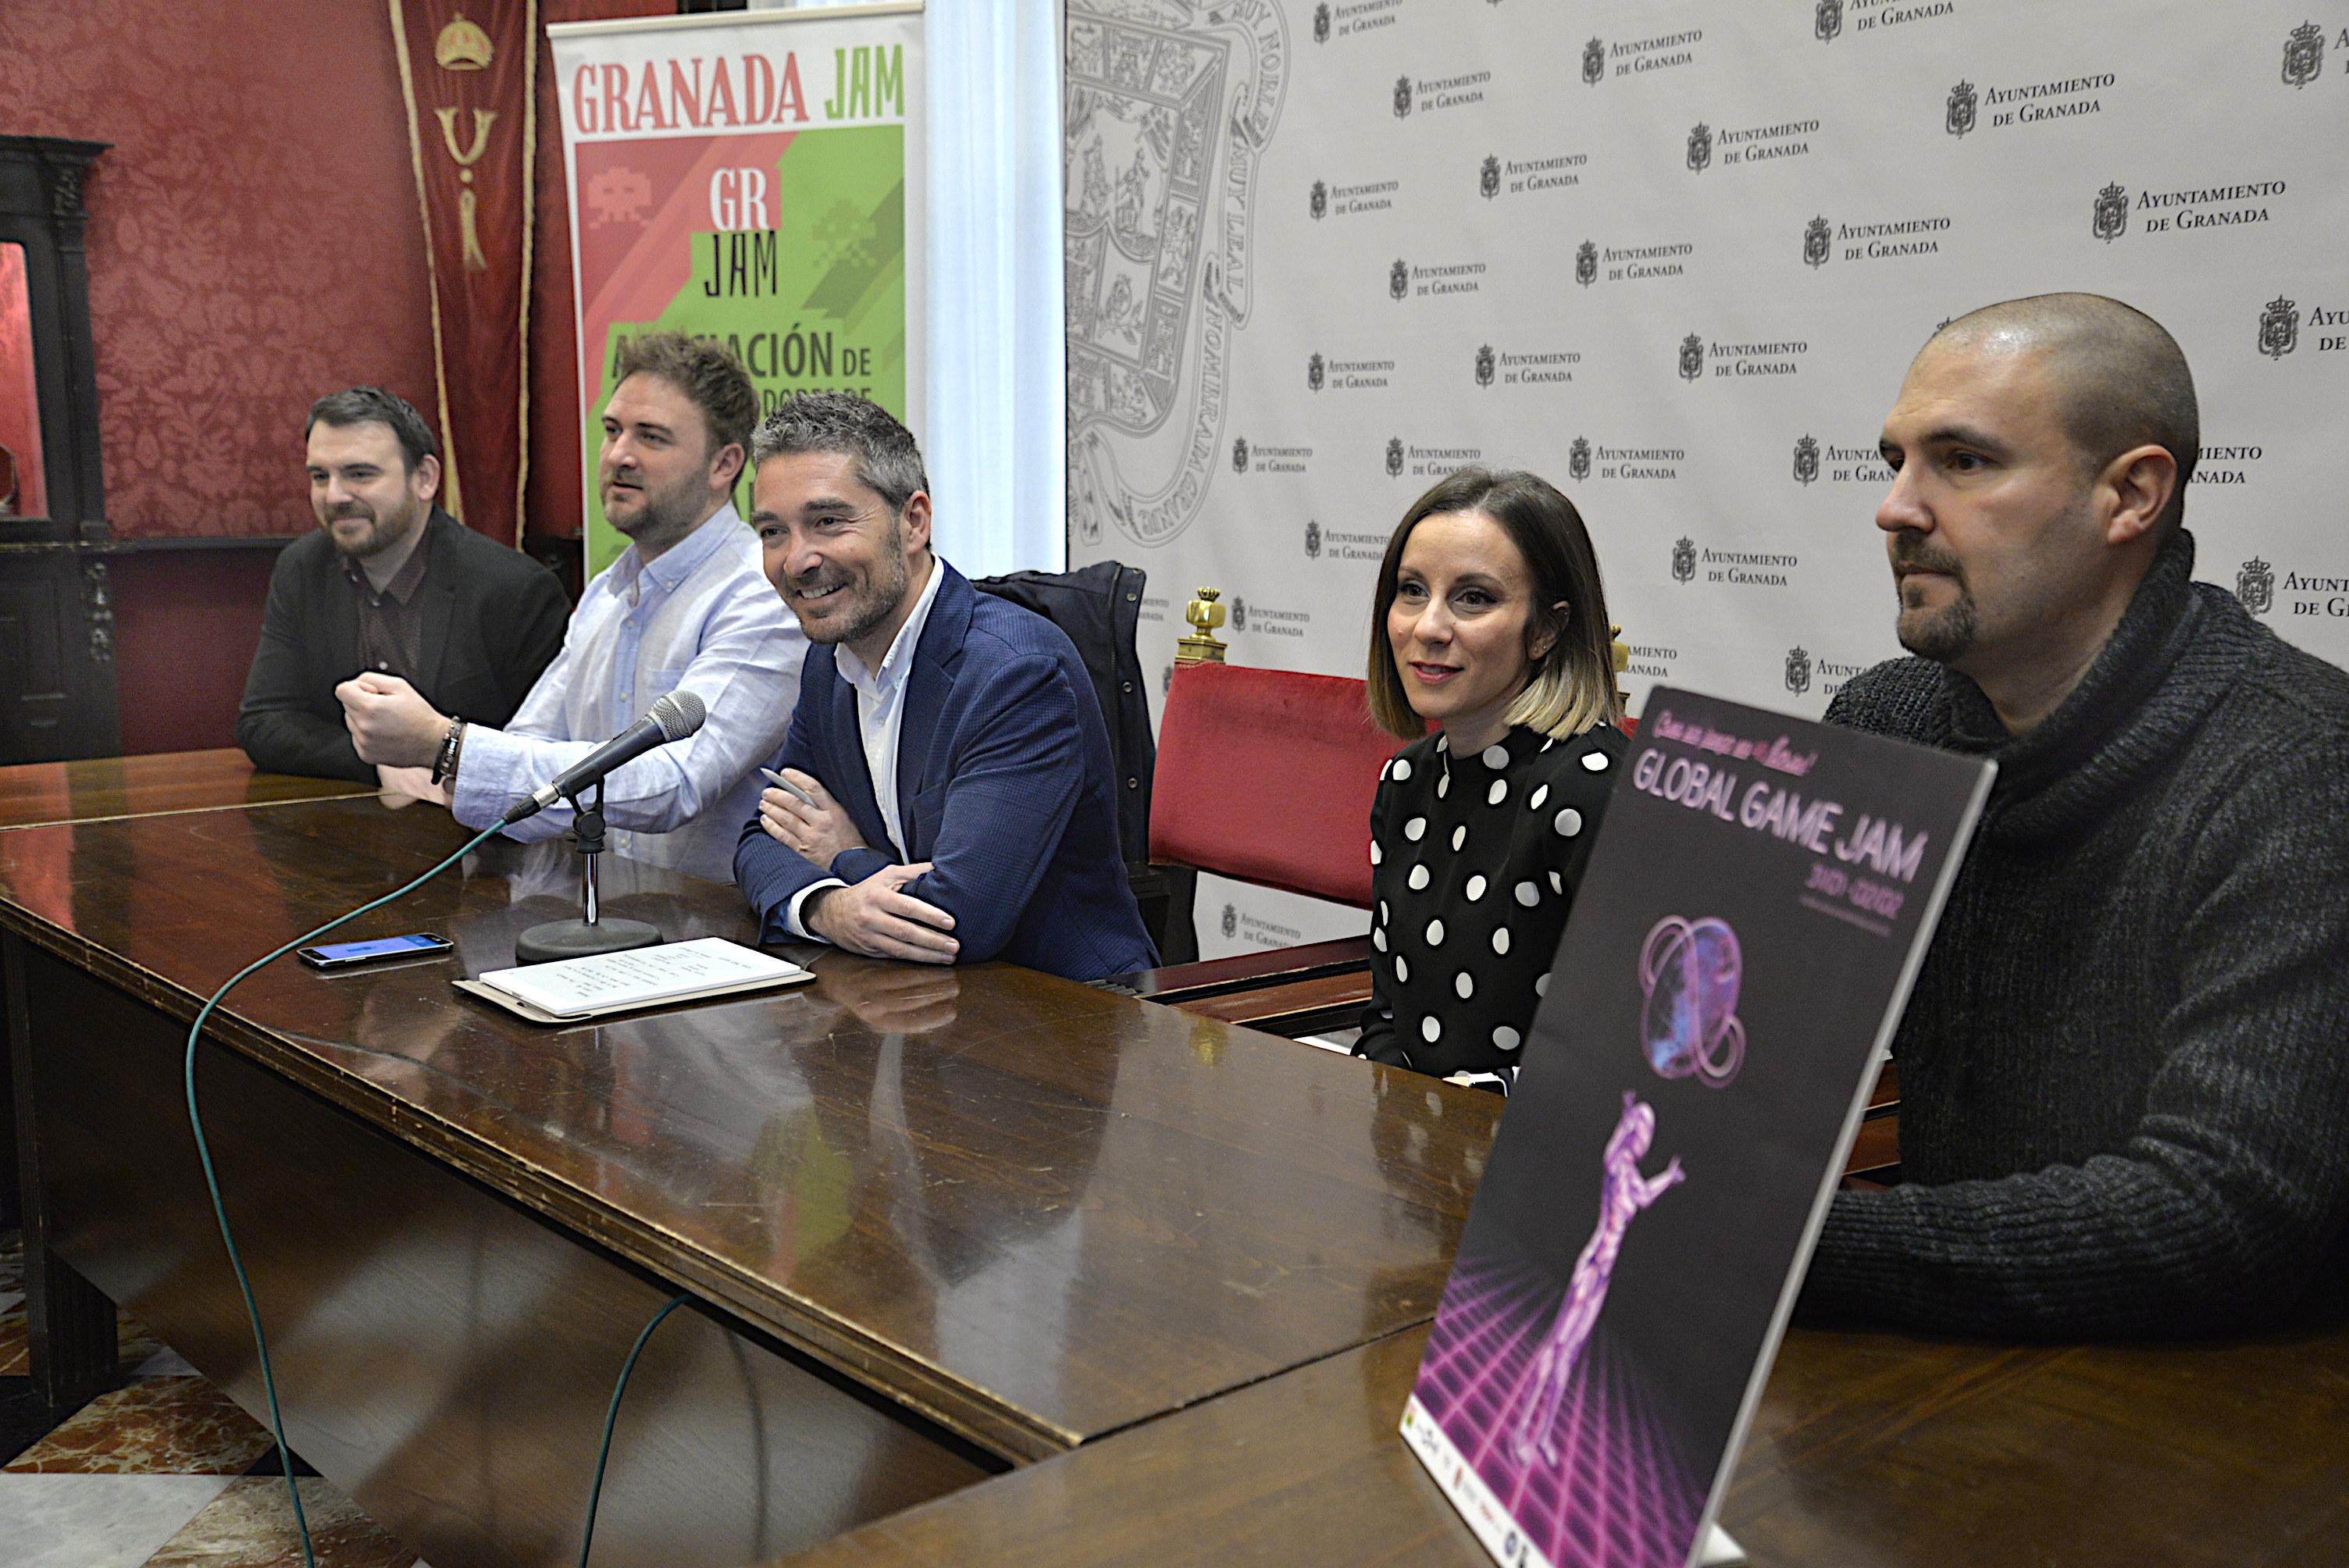 El mayor encuentro de creación de videojuegos se celebra desde el viernes en Granada